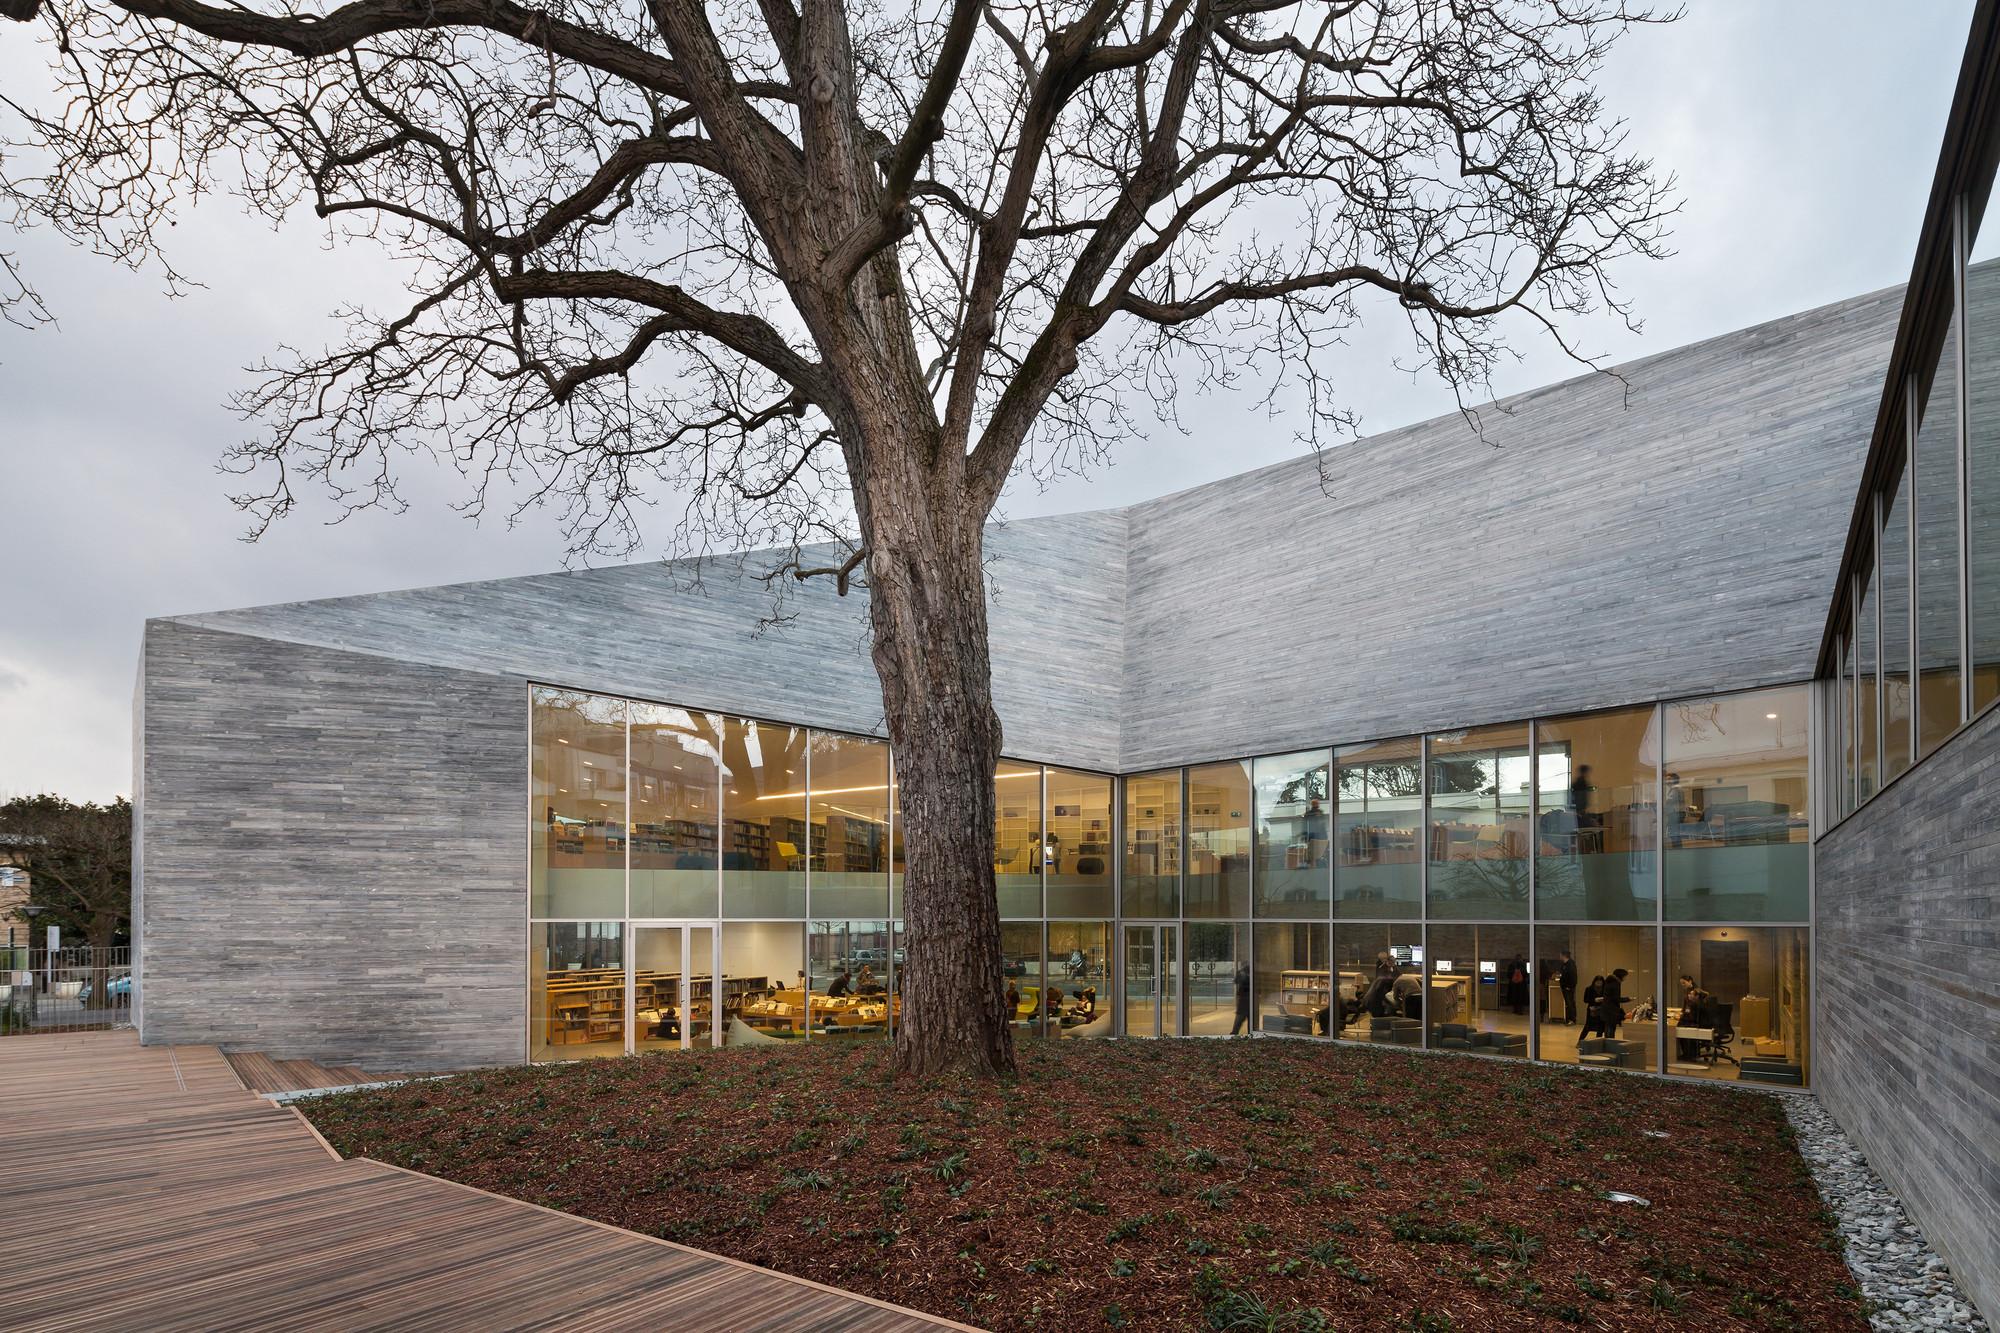 100 Remarquable Suggestions Architecte Bourg La Reine